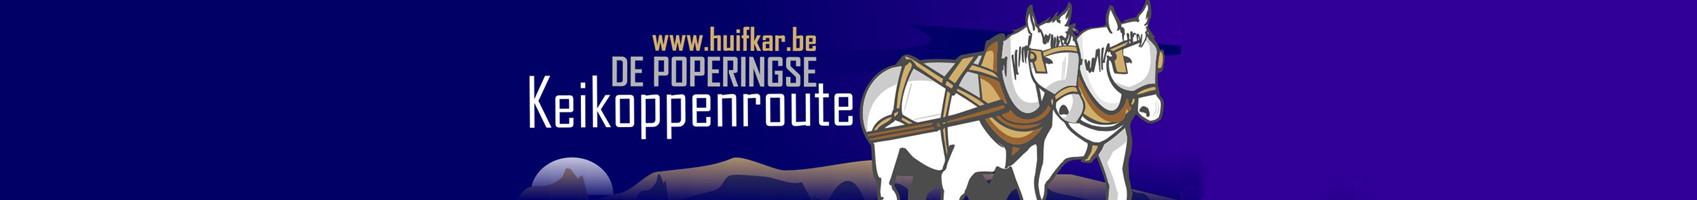 logo-header-aangepast.jpg